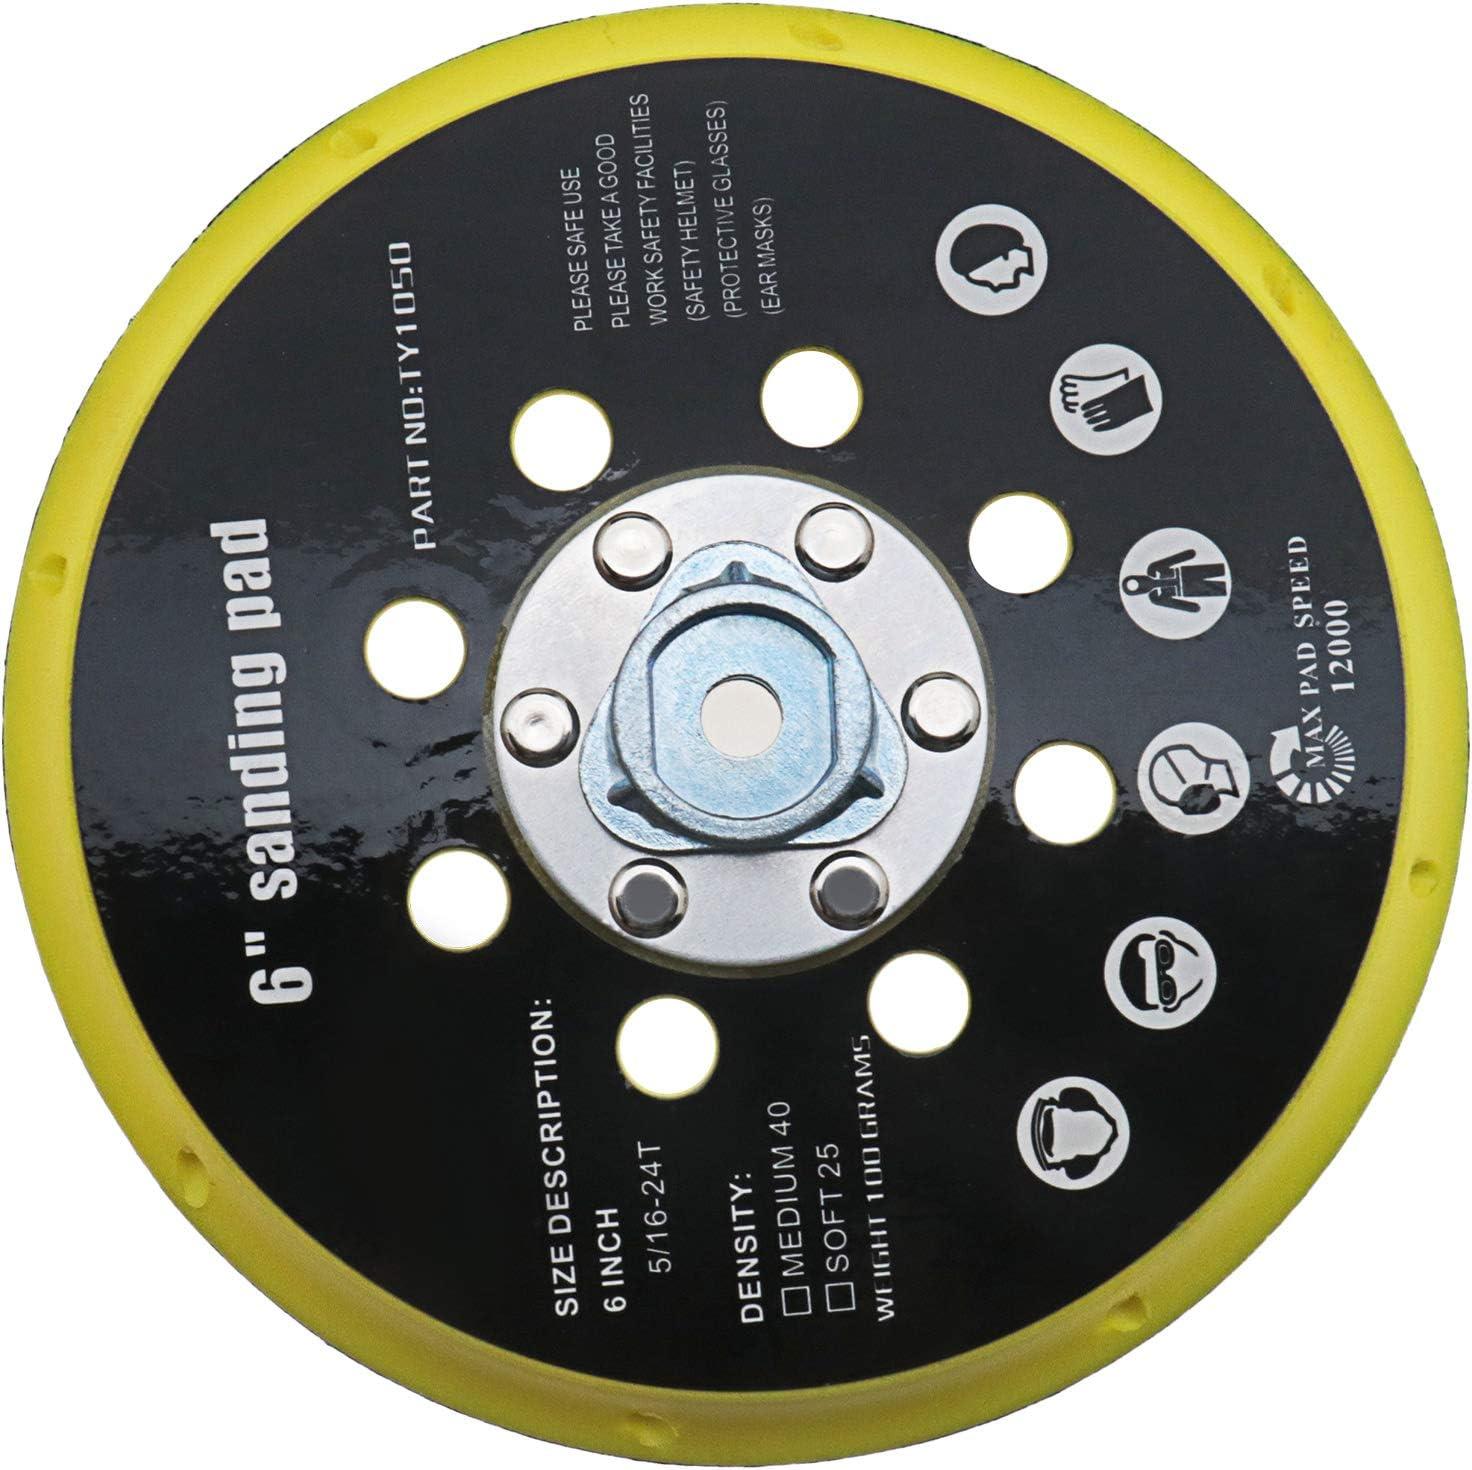 Base de lijadora de 6 pulgadas, soporte de pulido de lijado, 150 mm, 17 agujeros, sello de repuesto compatible con RO1 ES150 ET2 BO6030 BO6040